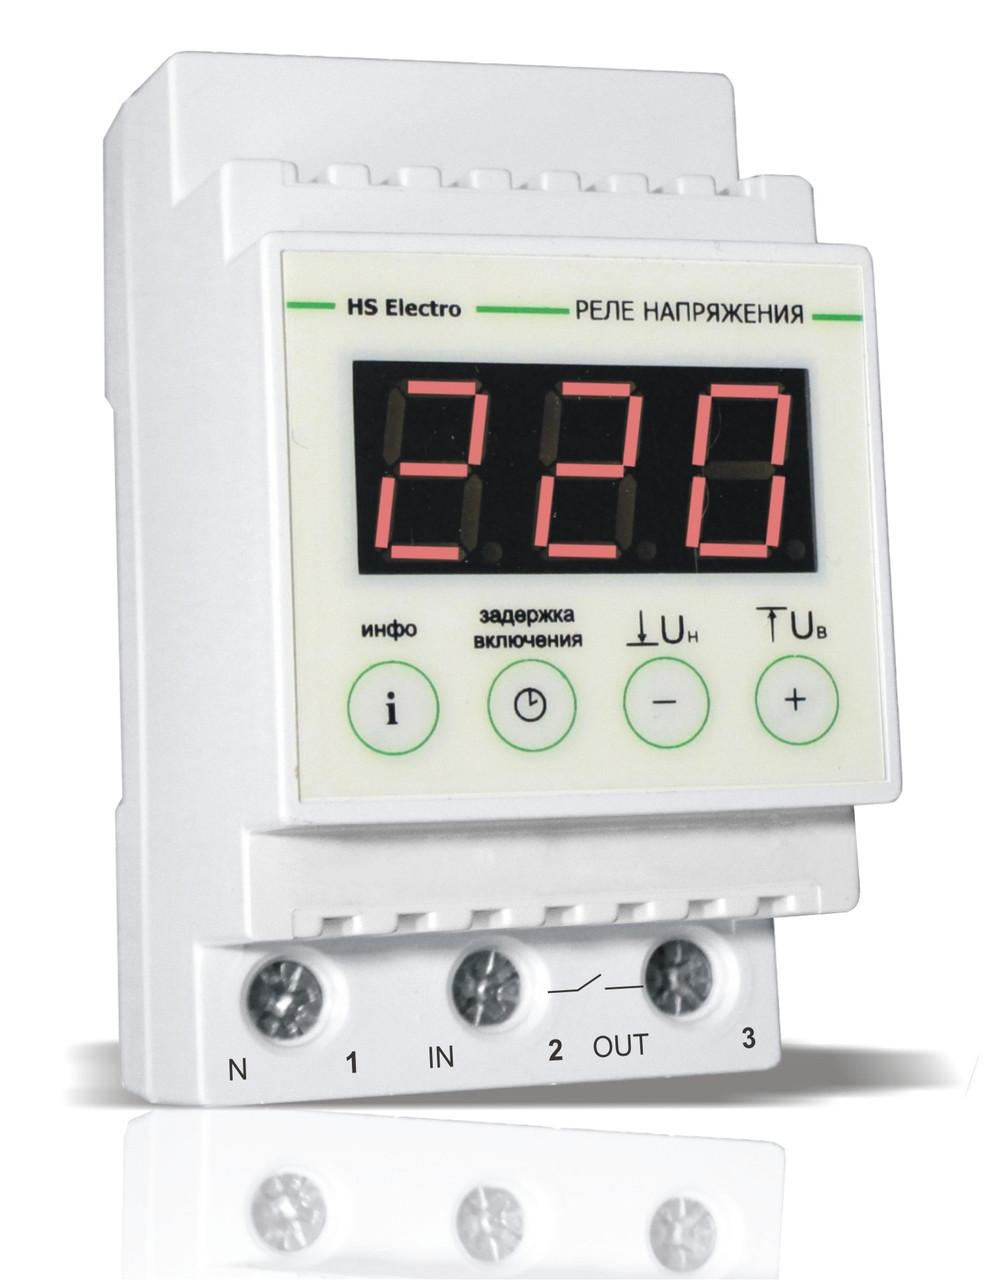 Пристрій контролю напруги УКН-63с дін-рейка Термозахист HS ELECTRO ( ГАРАНТІЯ 5 РОКІВ)